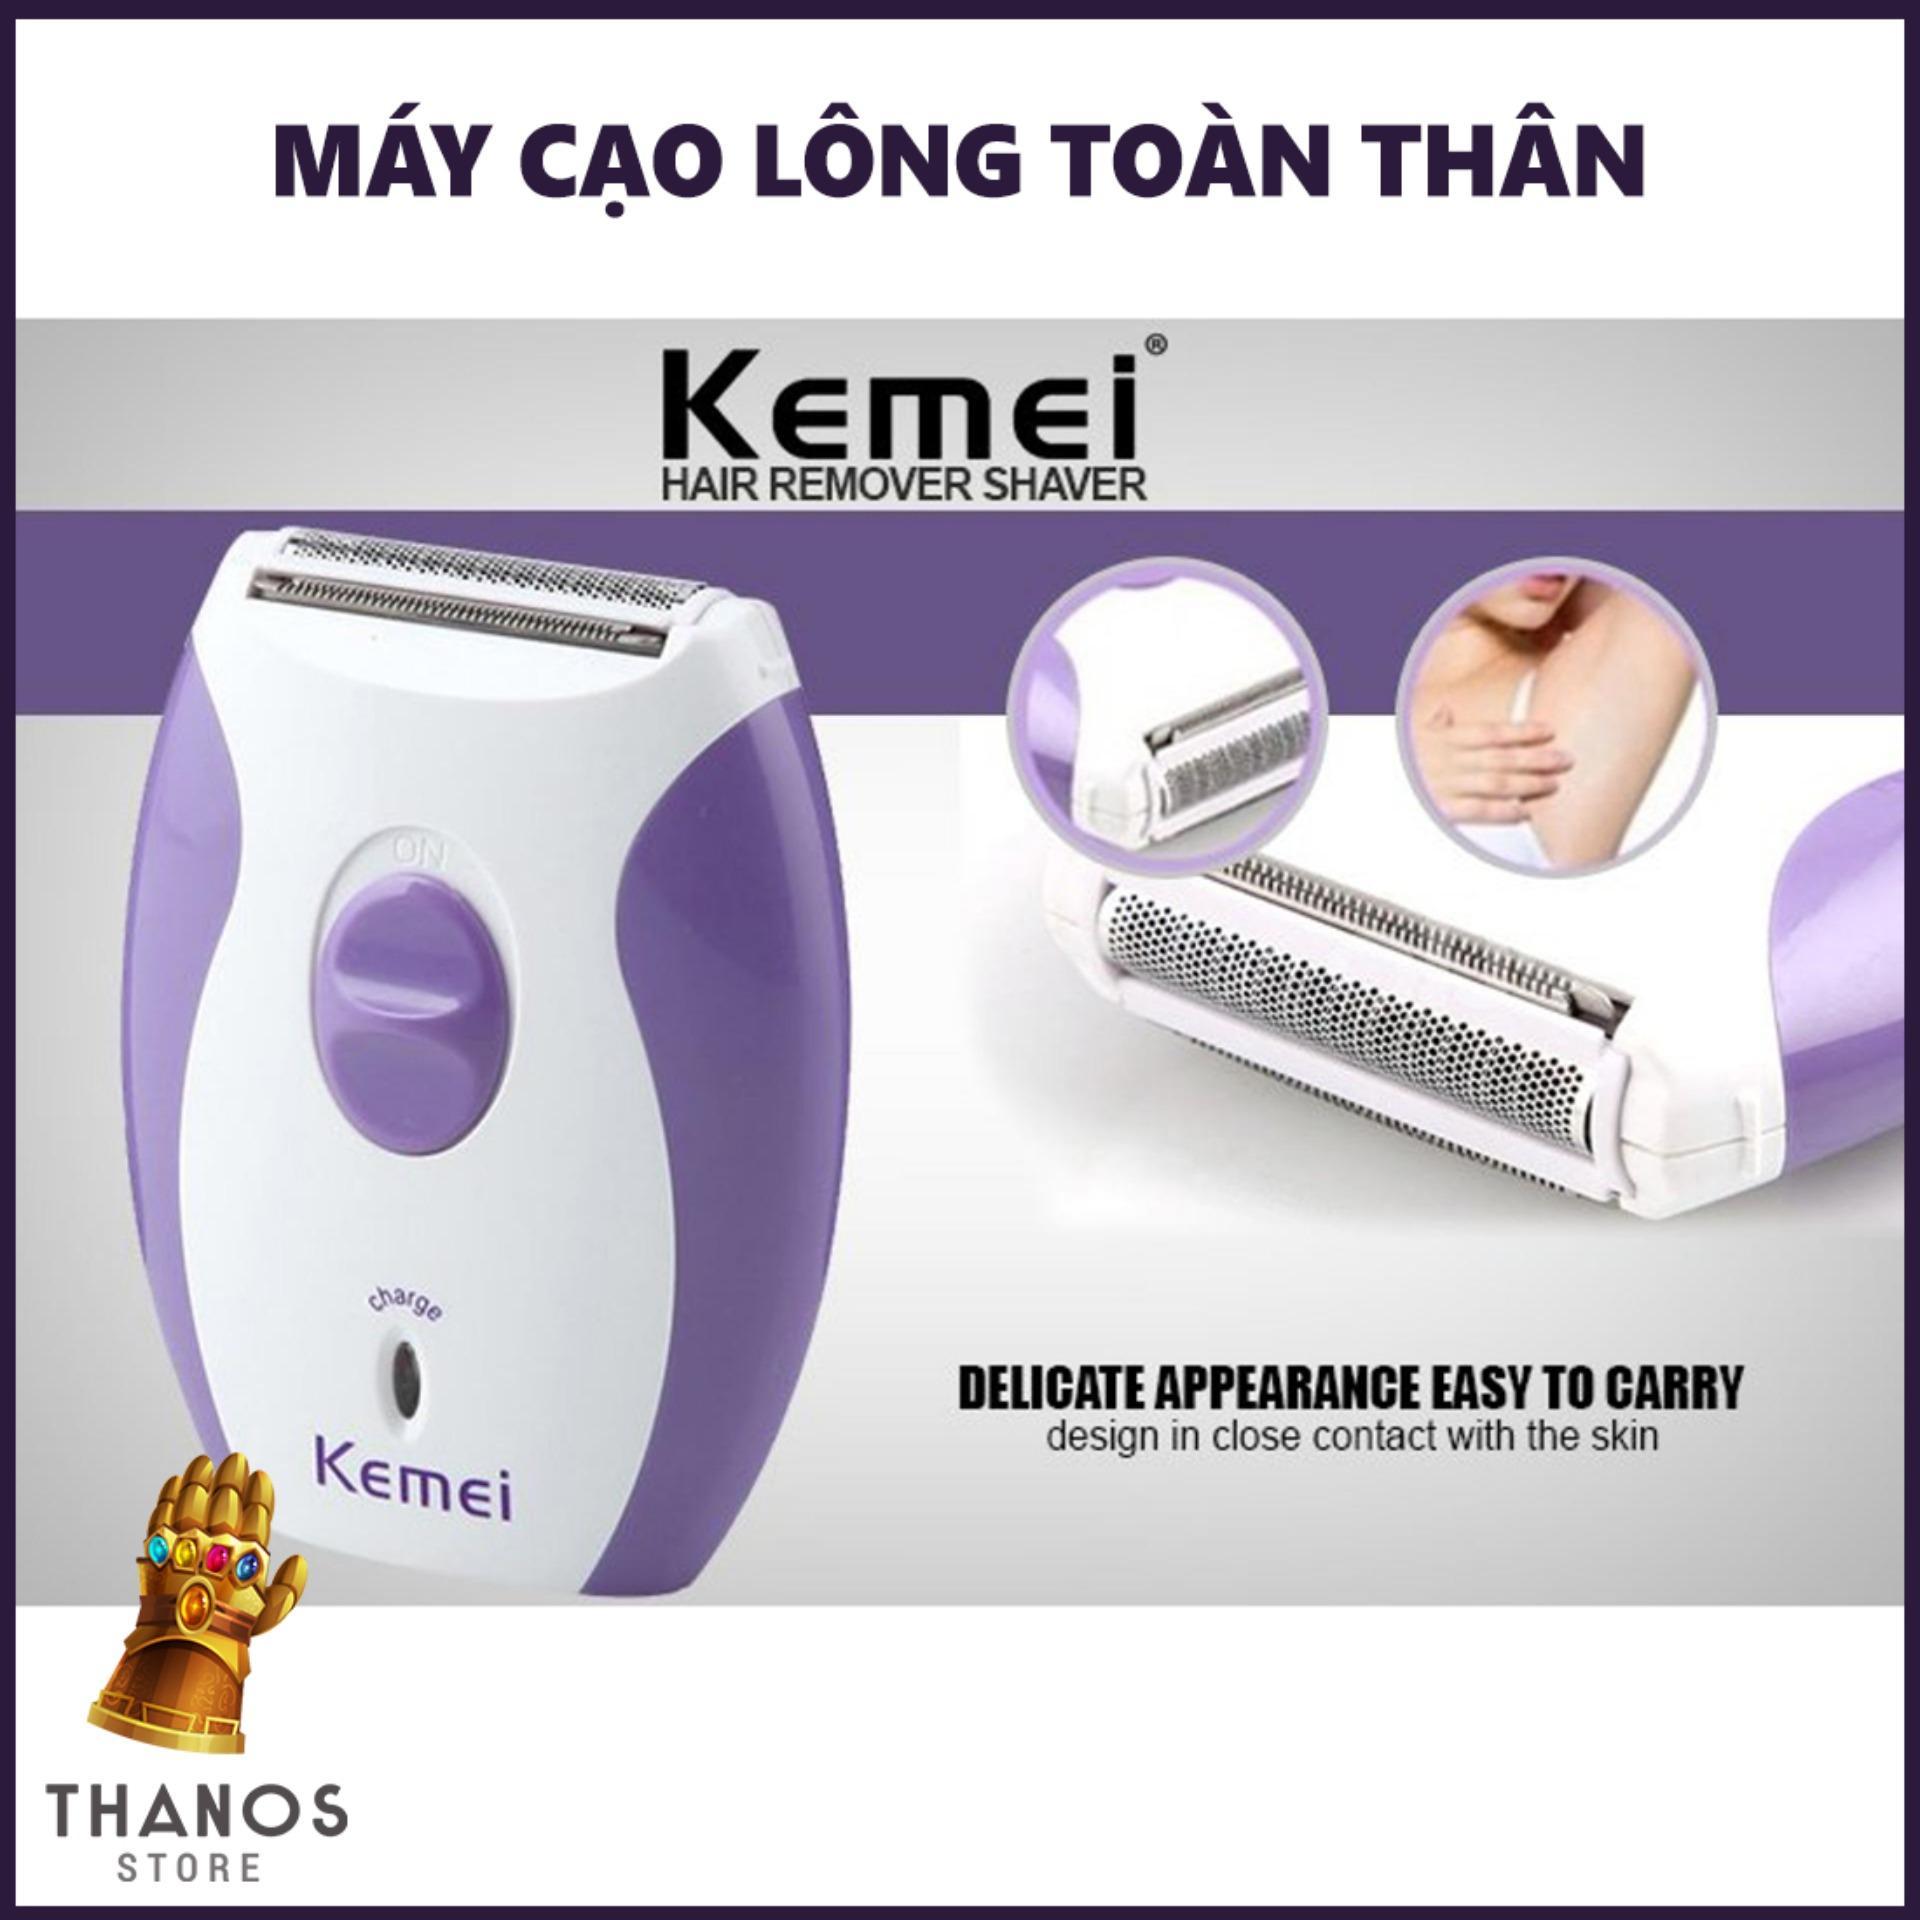 Máy cạo lông toàn thân Kemei 280R - Thanos Store